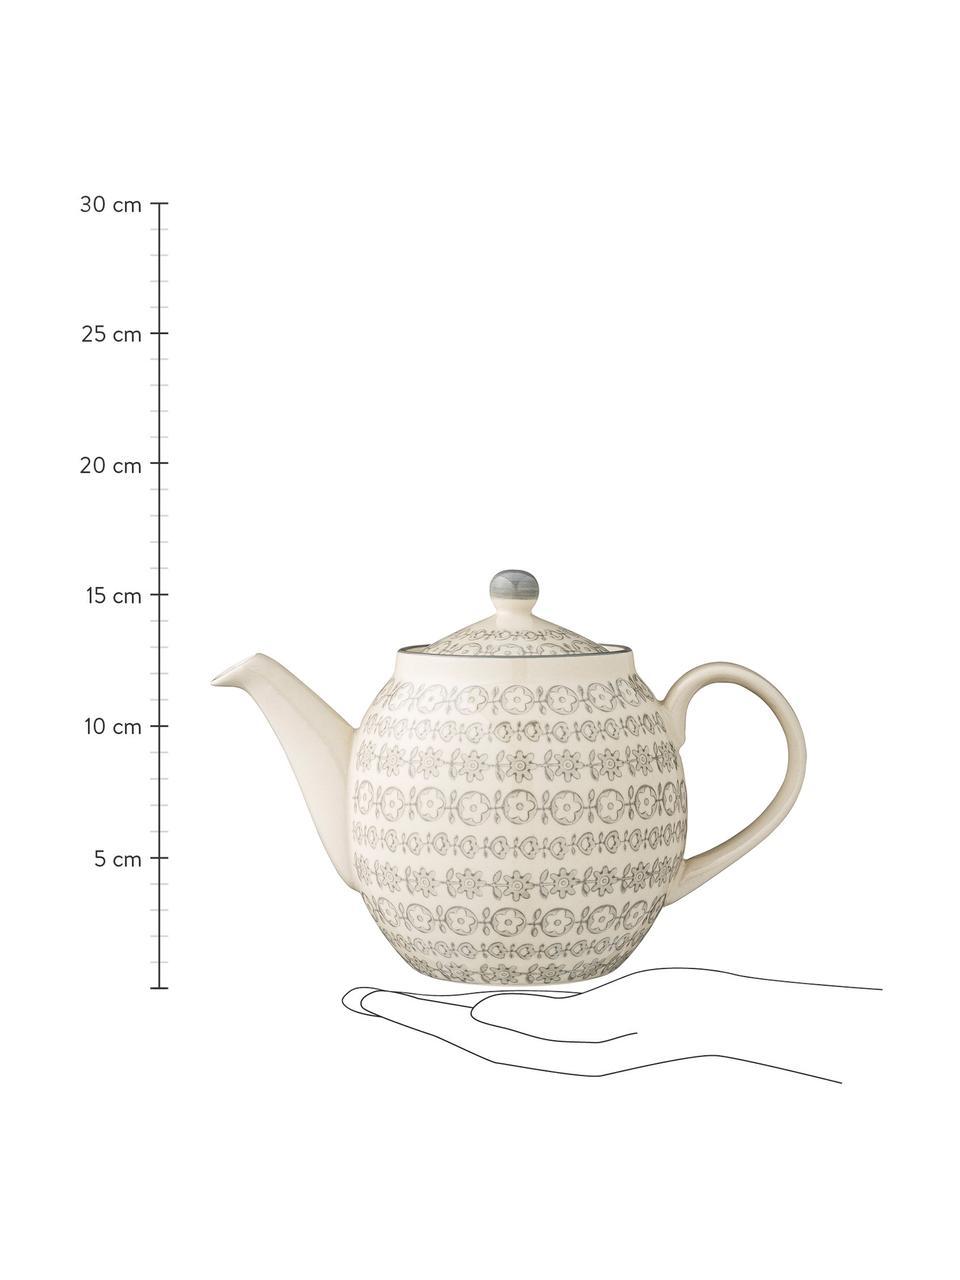 Handbemalte Teekanne Karine mit kleinem Muster, 1.2 L, Steingut, Grau, Cremefarben, Ø 24 x H 16 cm